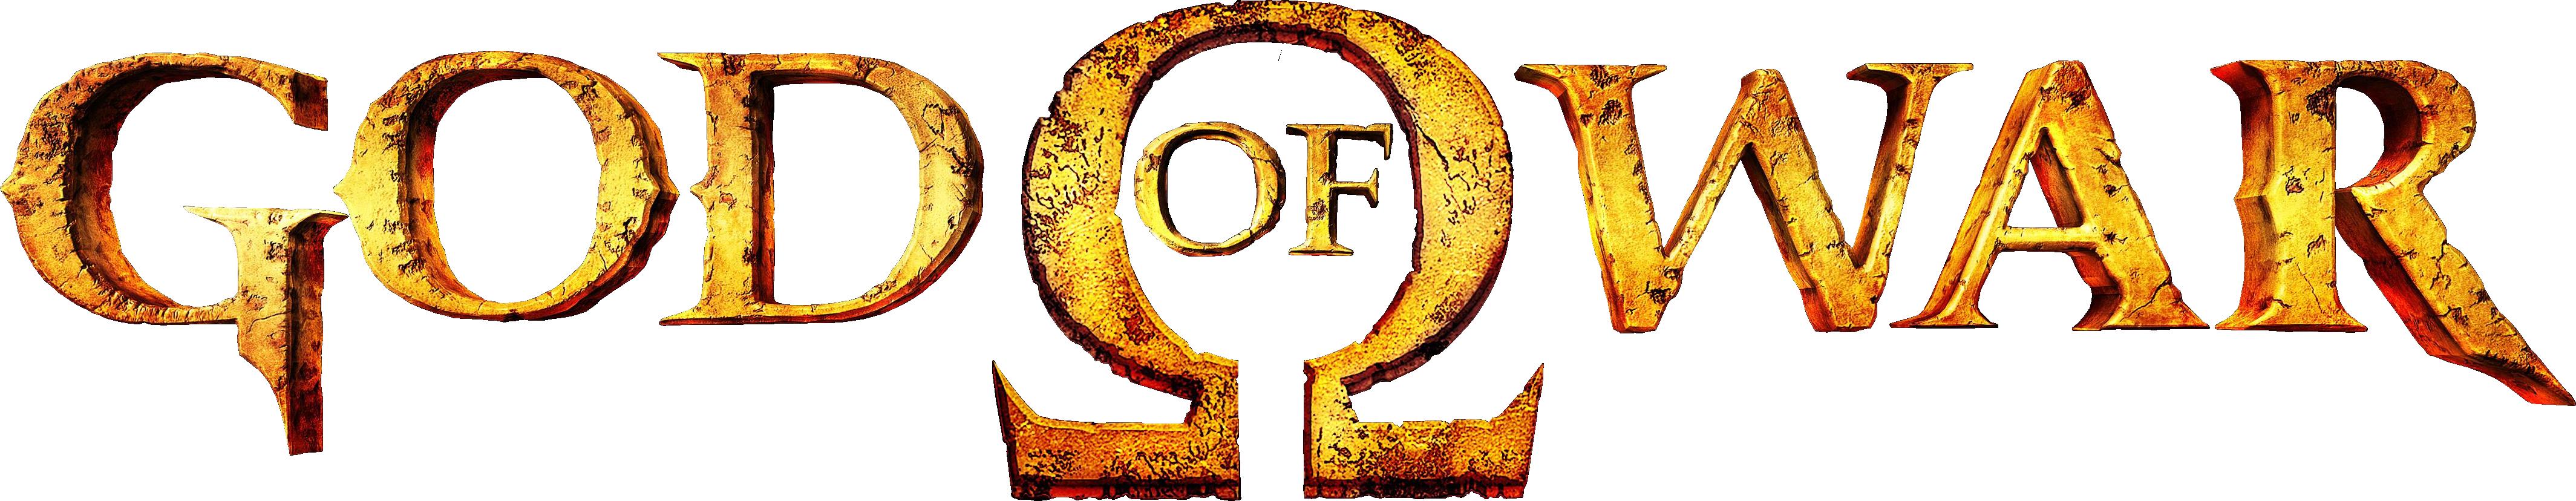 God of War Details - LaunchBox Games Database